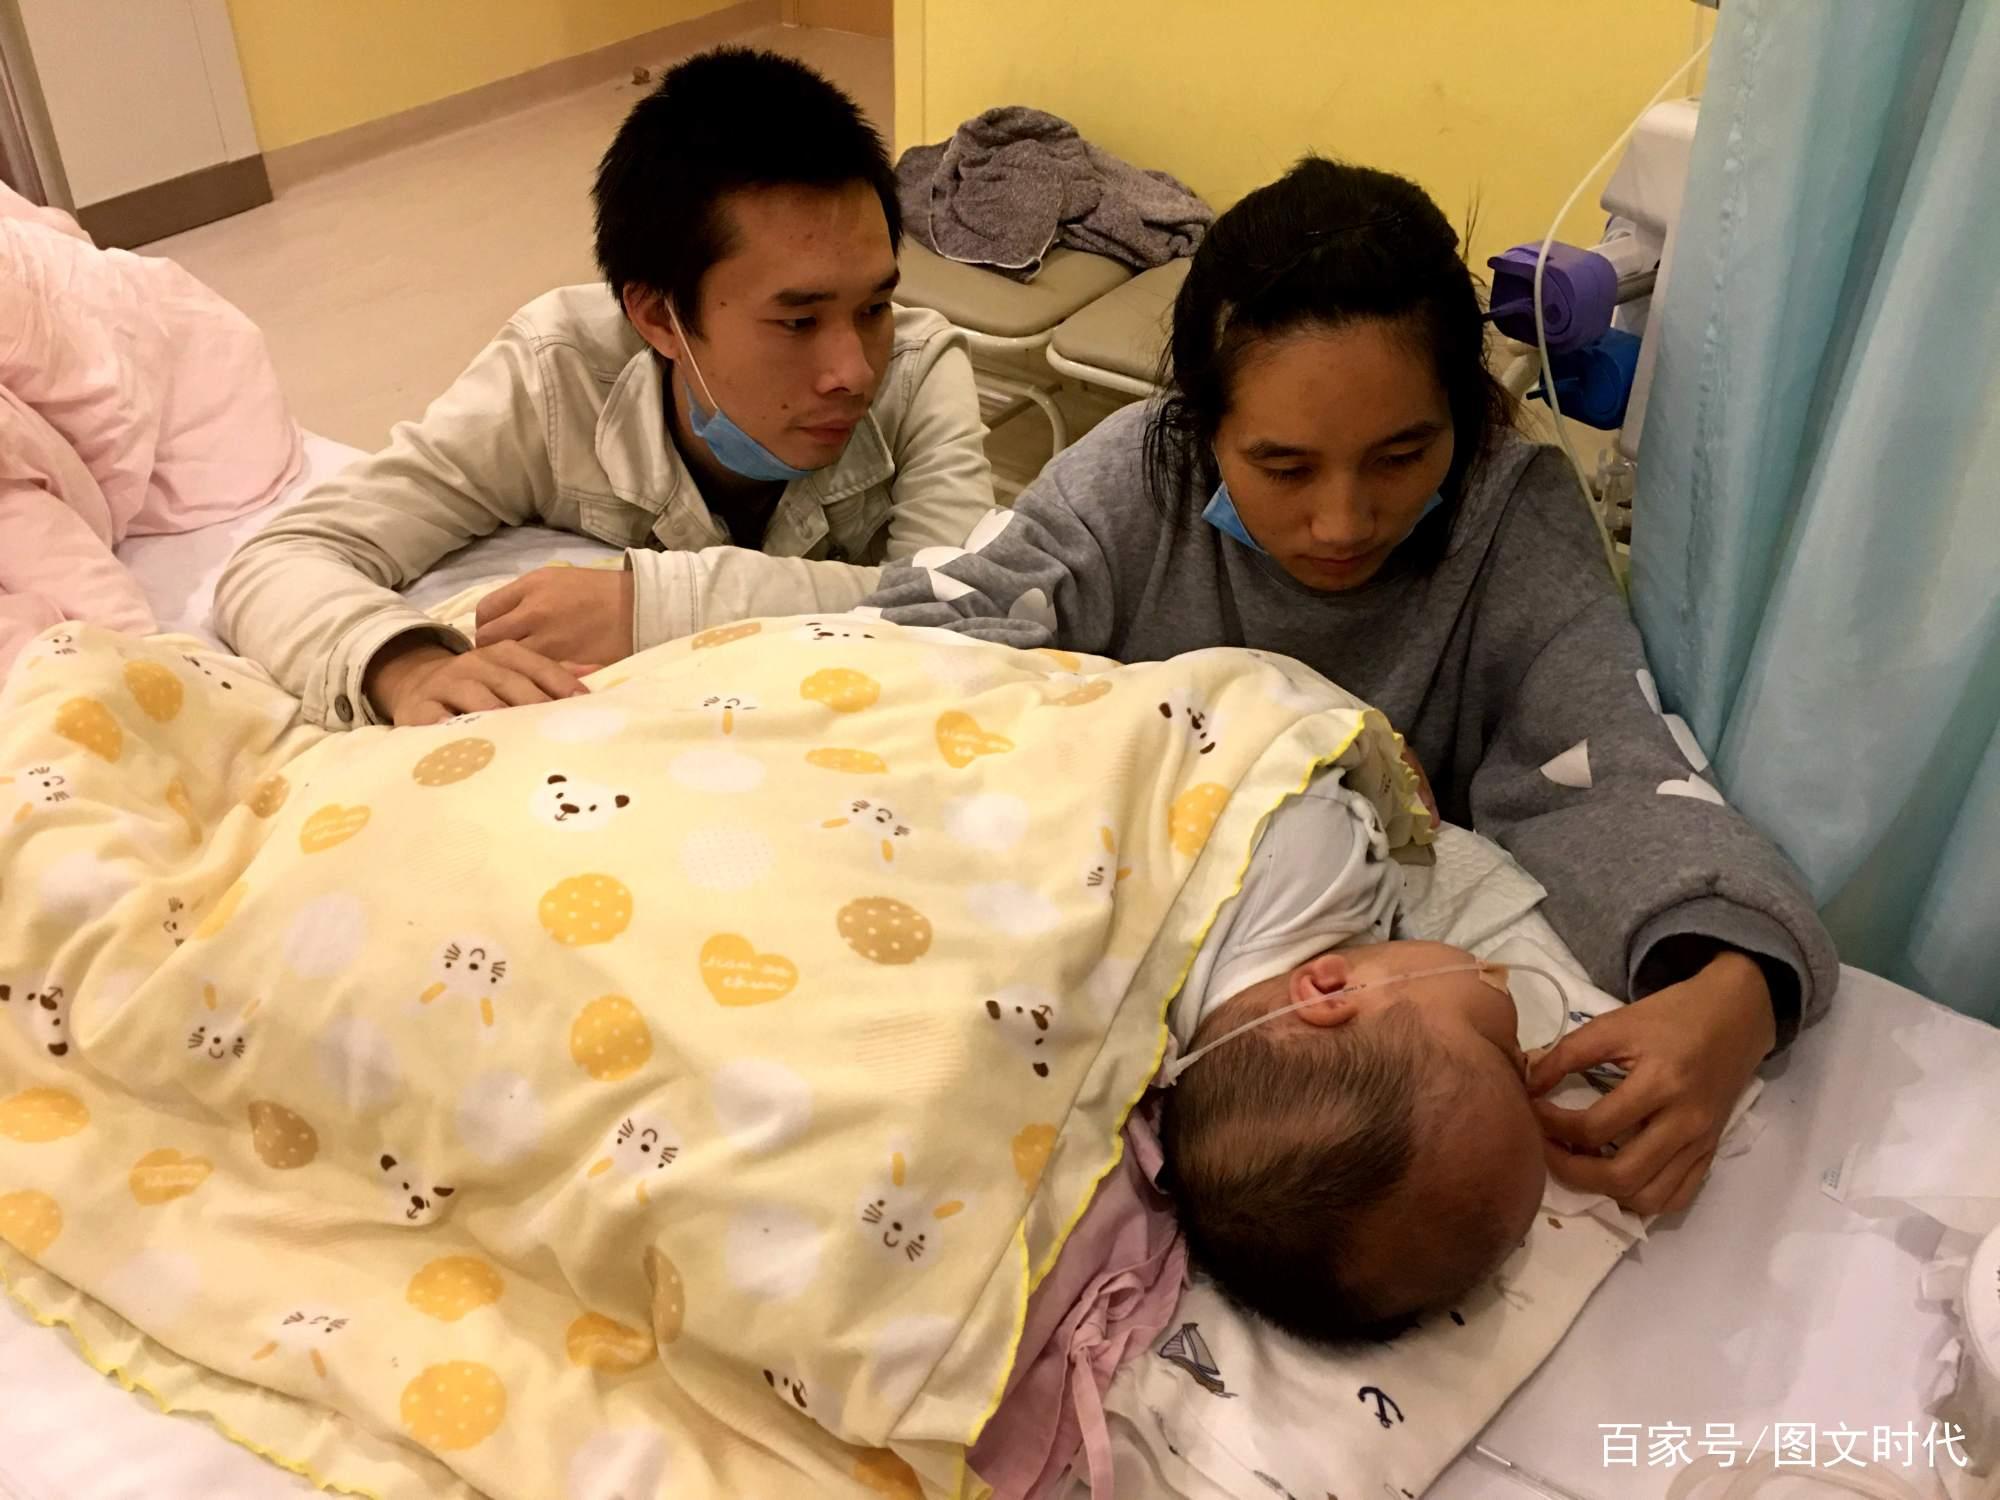 <b>小情侣遭父母反对,女孩怀孕偷偷生下孩子,9个月后如坠深渊</b>